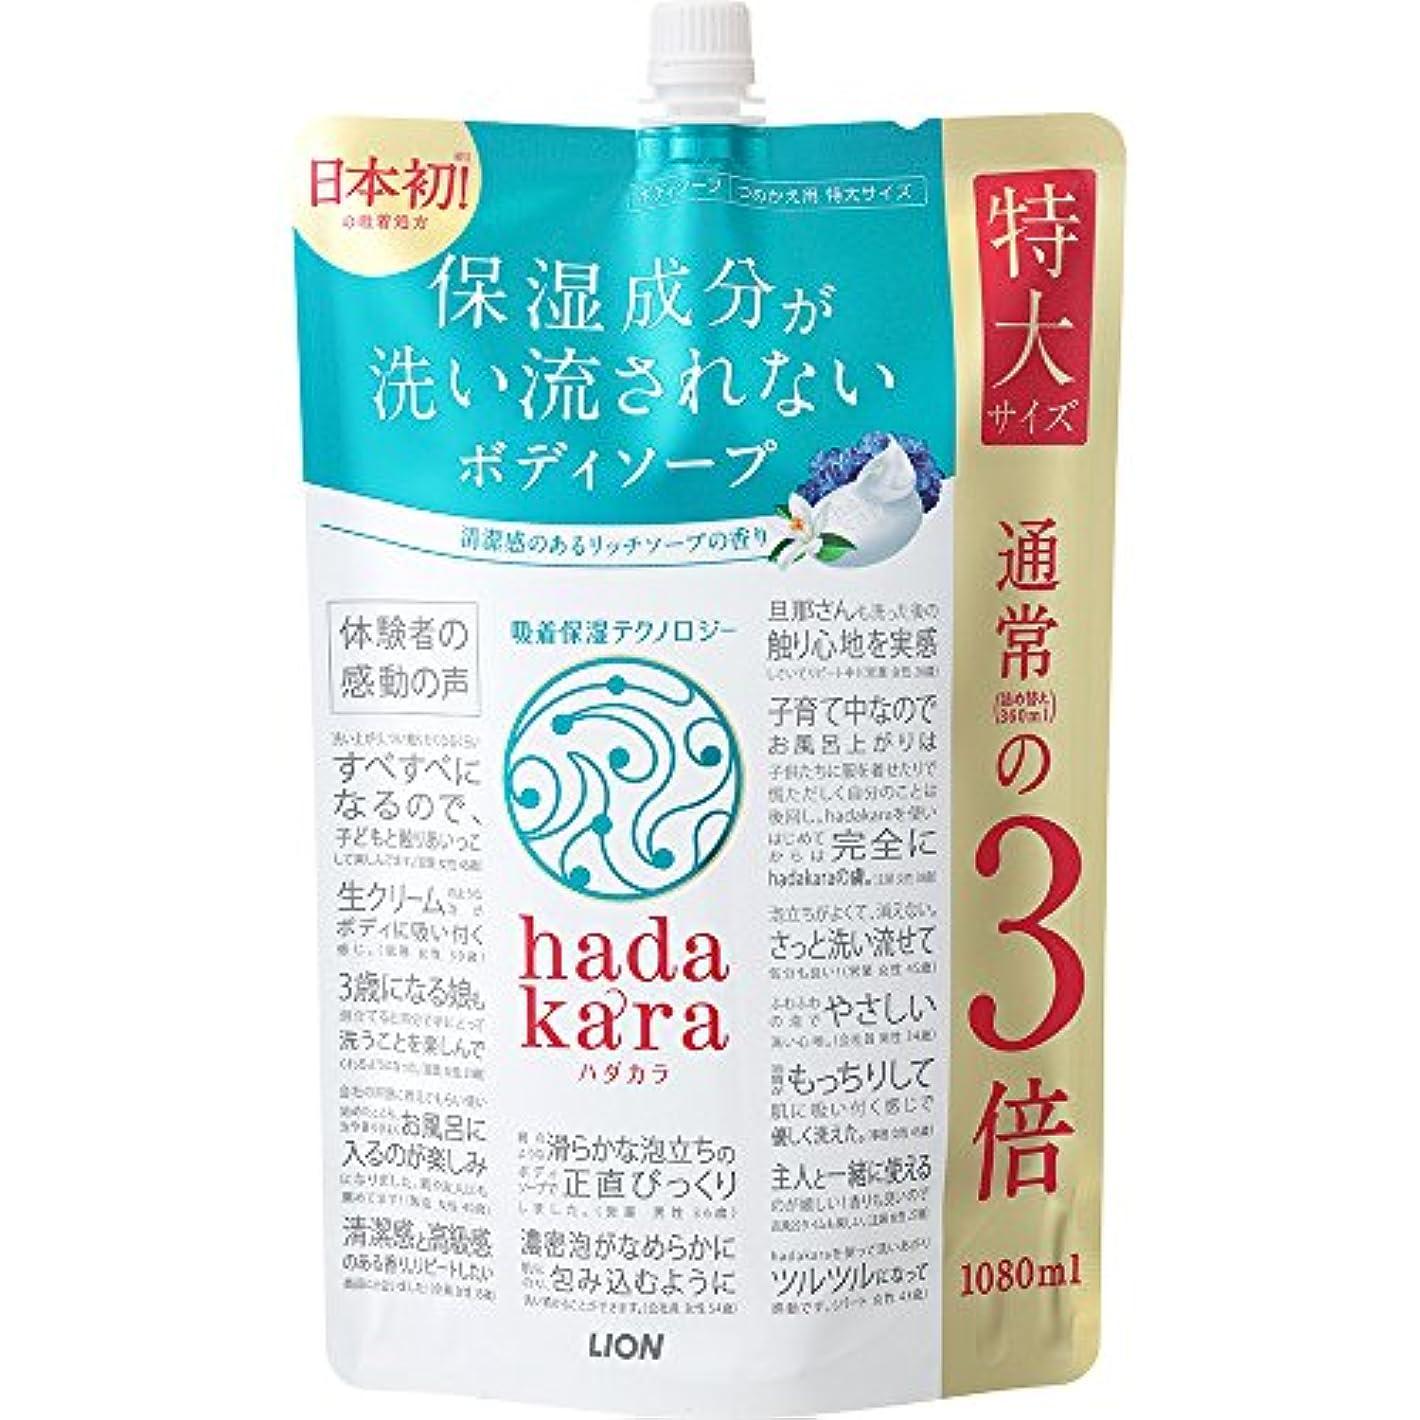 学習者取り消す経営者【大容量】hadakara(ハダカラ) ボディソープ リッチソープの香り 詰め替え 特大 1080ml